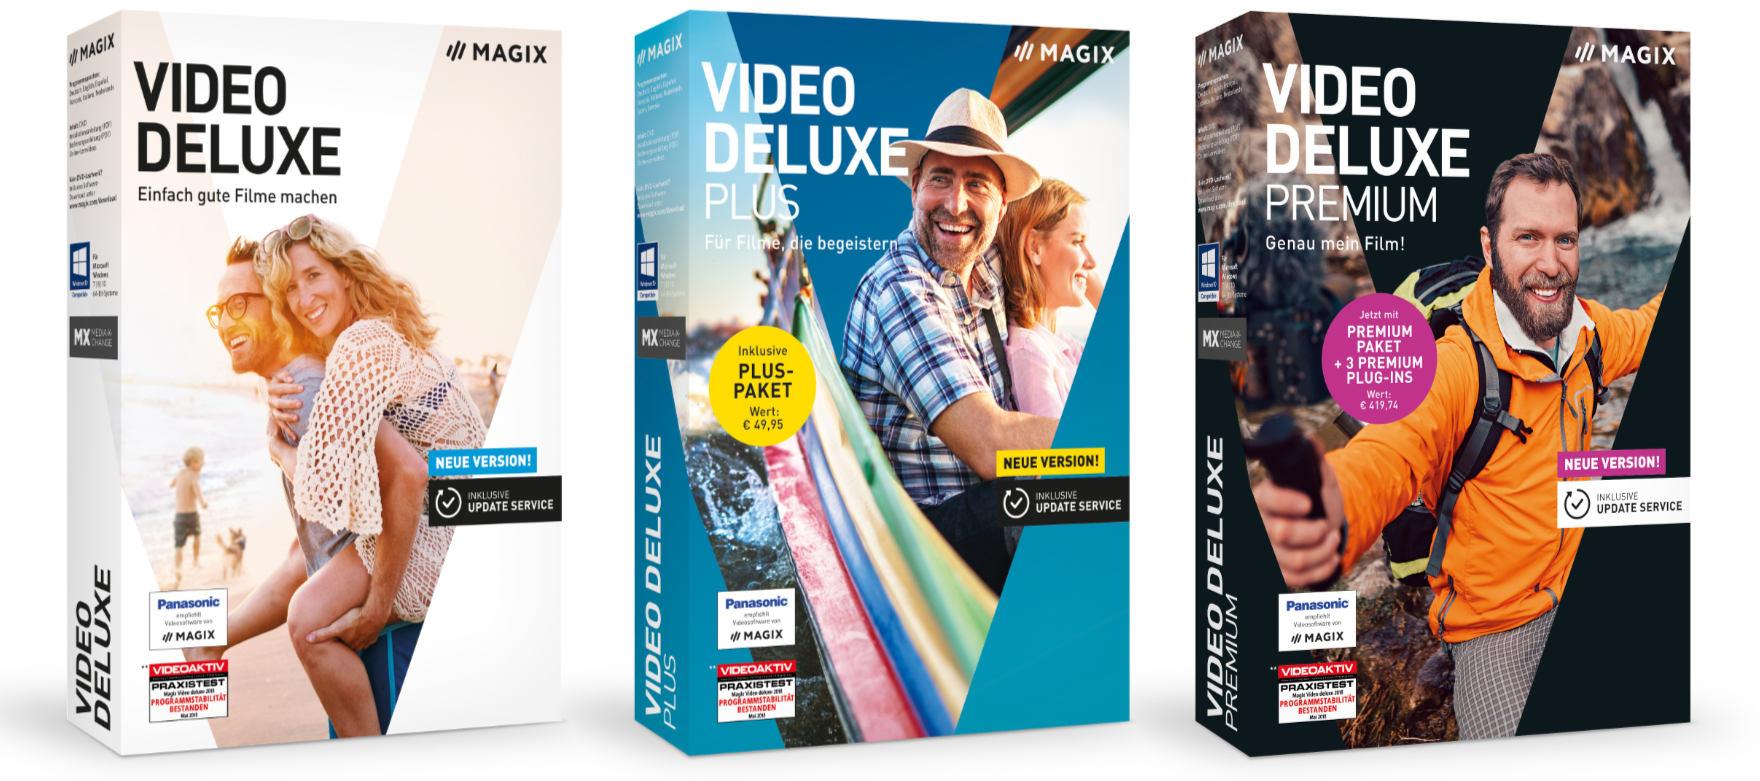 Magix Video deluxe 2019: Videoschnitt noch schneller und einfacher